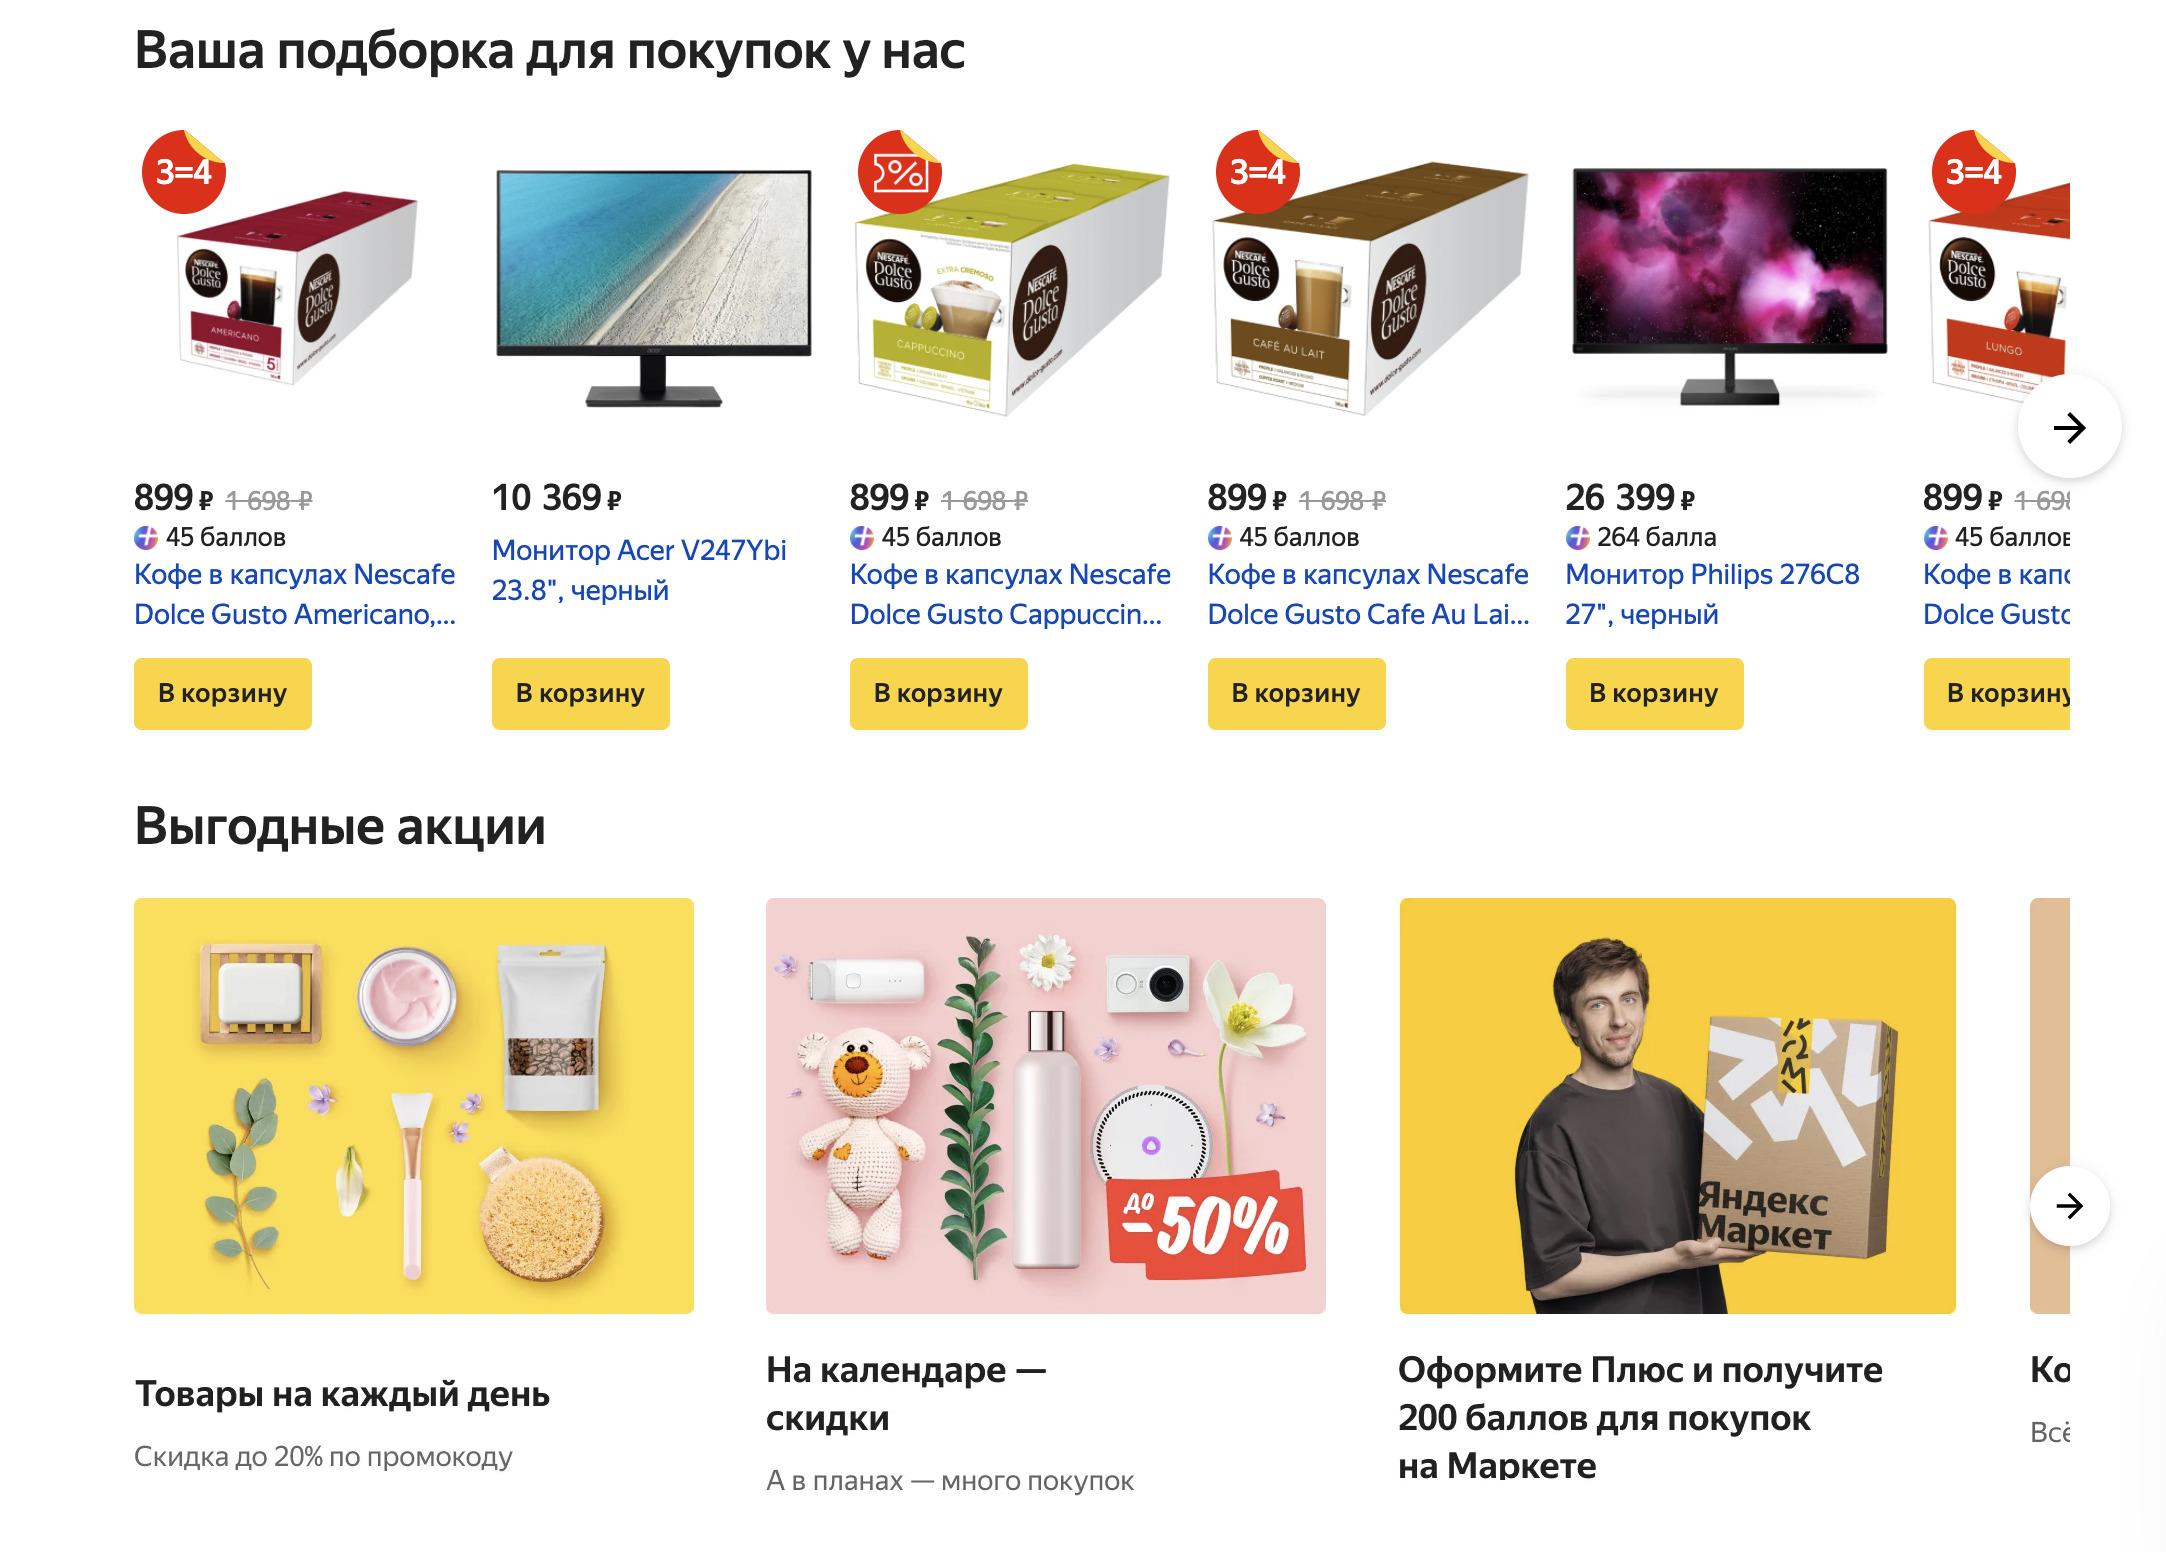 Доставка из Яндекс.Маркет в Заречный, сроки, пункты выдачи, каталог